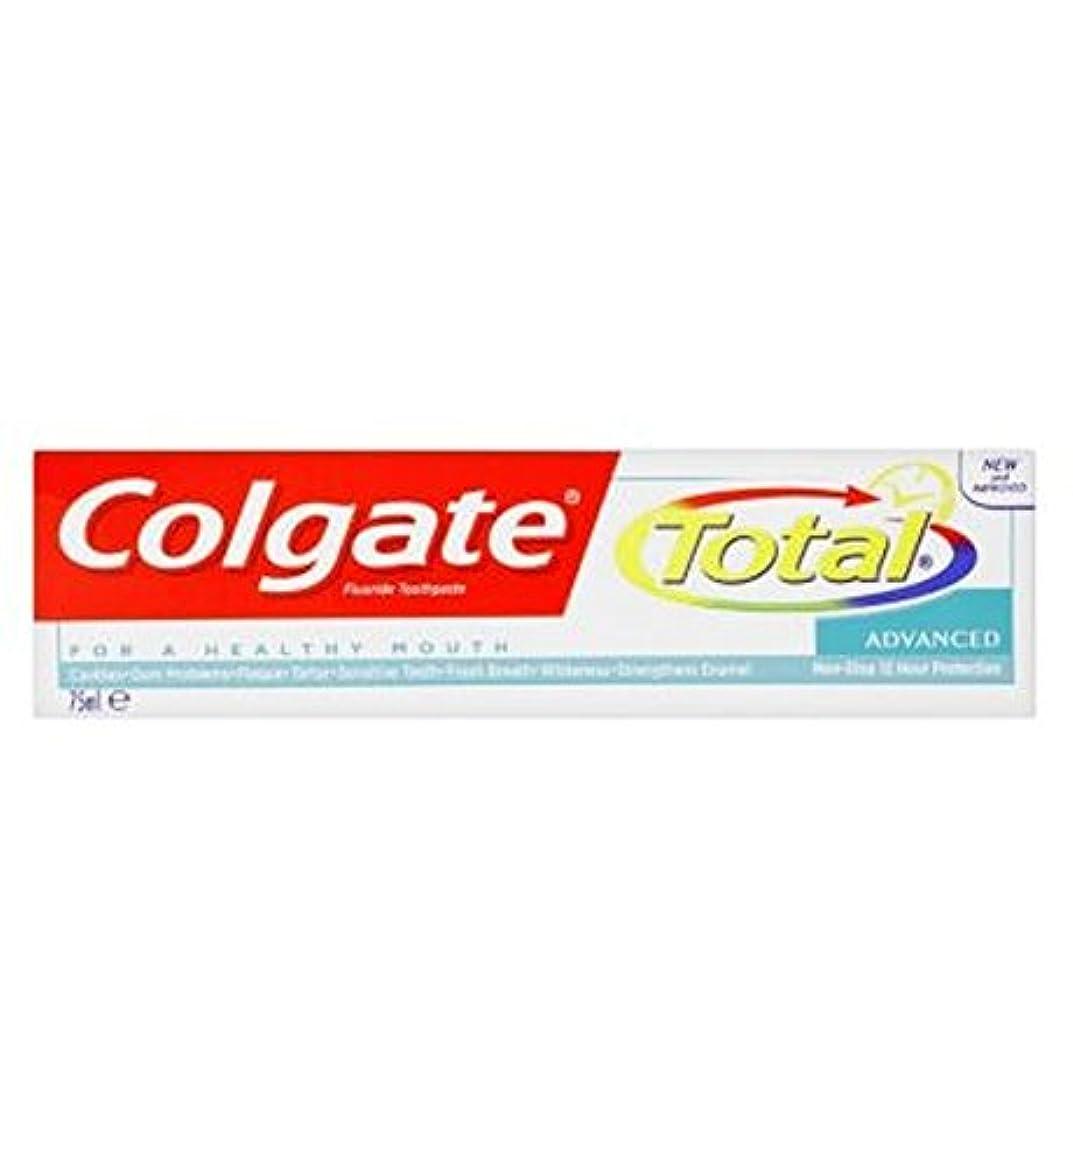 上流の最近間コルゲートトータル高度な歯磨き粉75ミリリットル (Colgate) (x2) - Colgate Total Advanced toothpaste 75ml (Pack of 2) [並行輸入品]